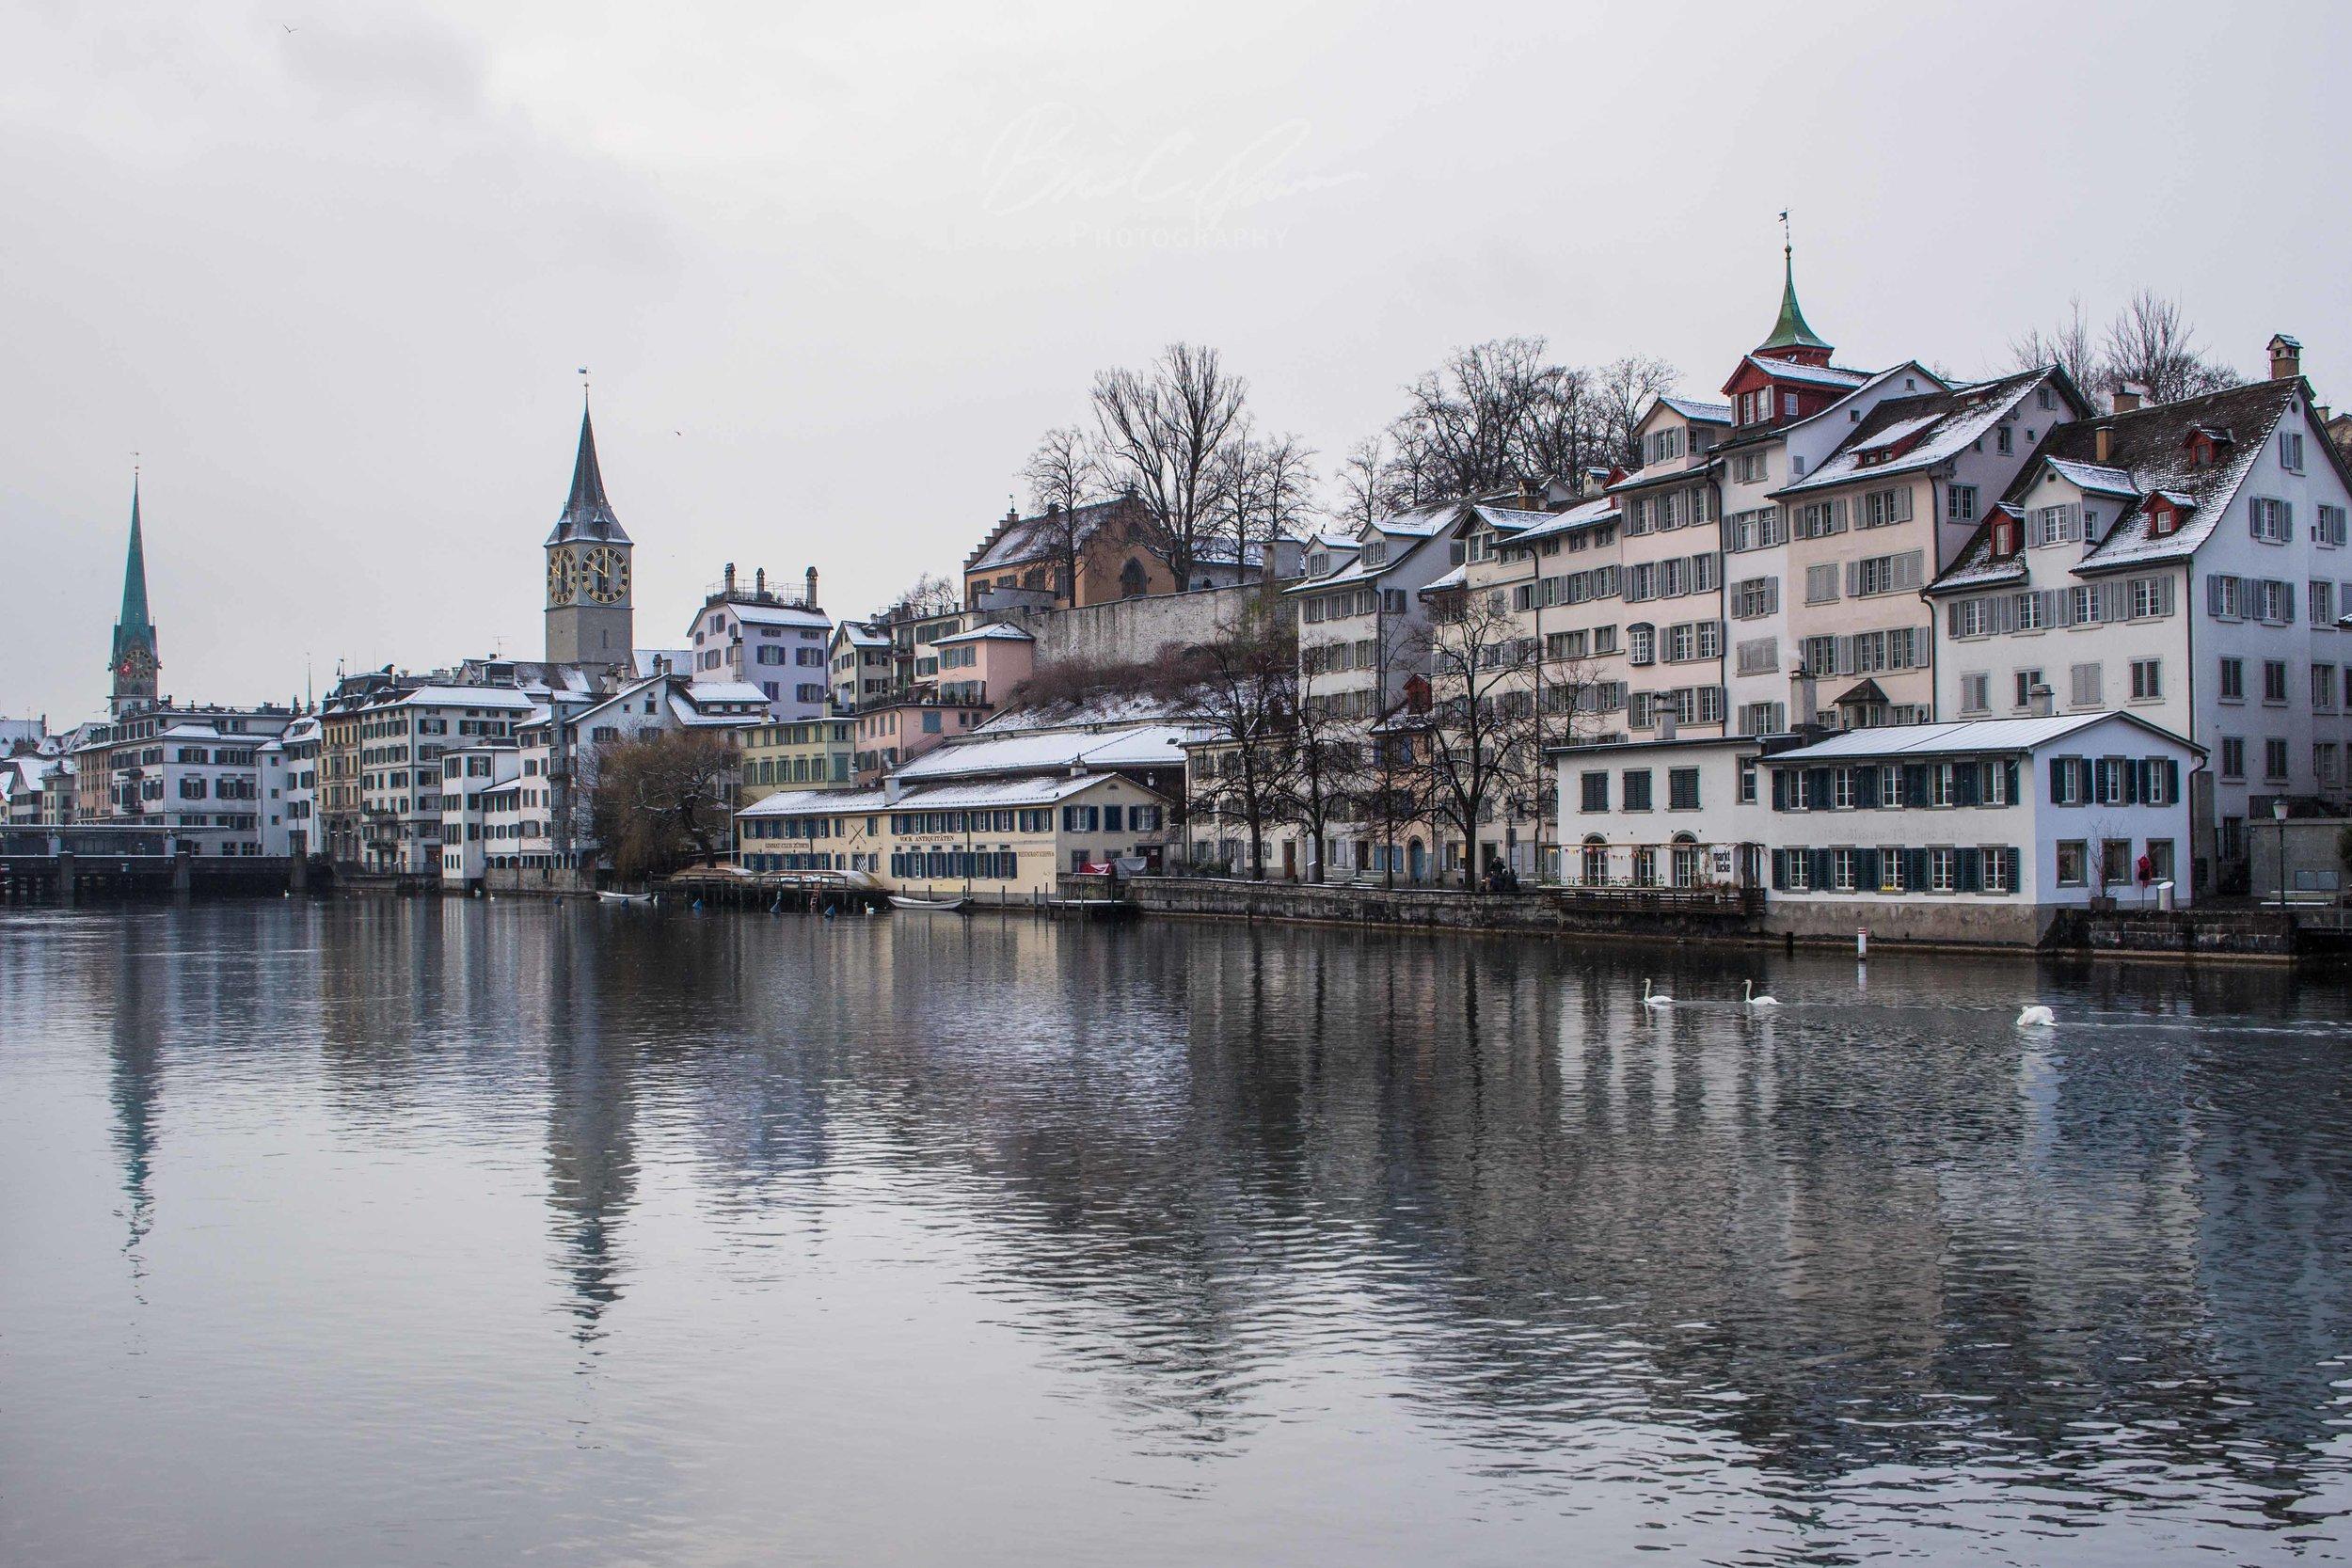 Banks of Limmat in Zurich, Switzerland